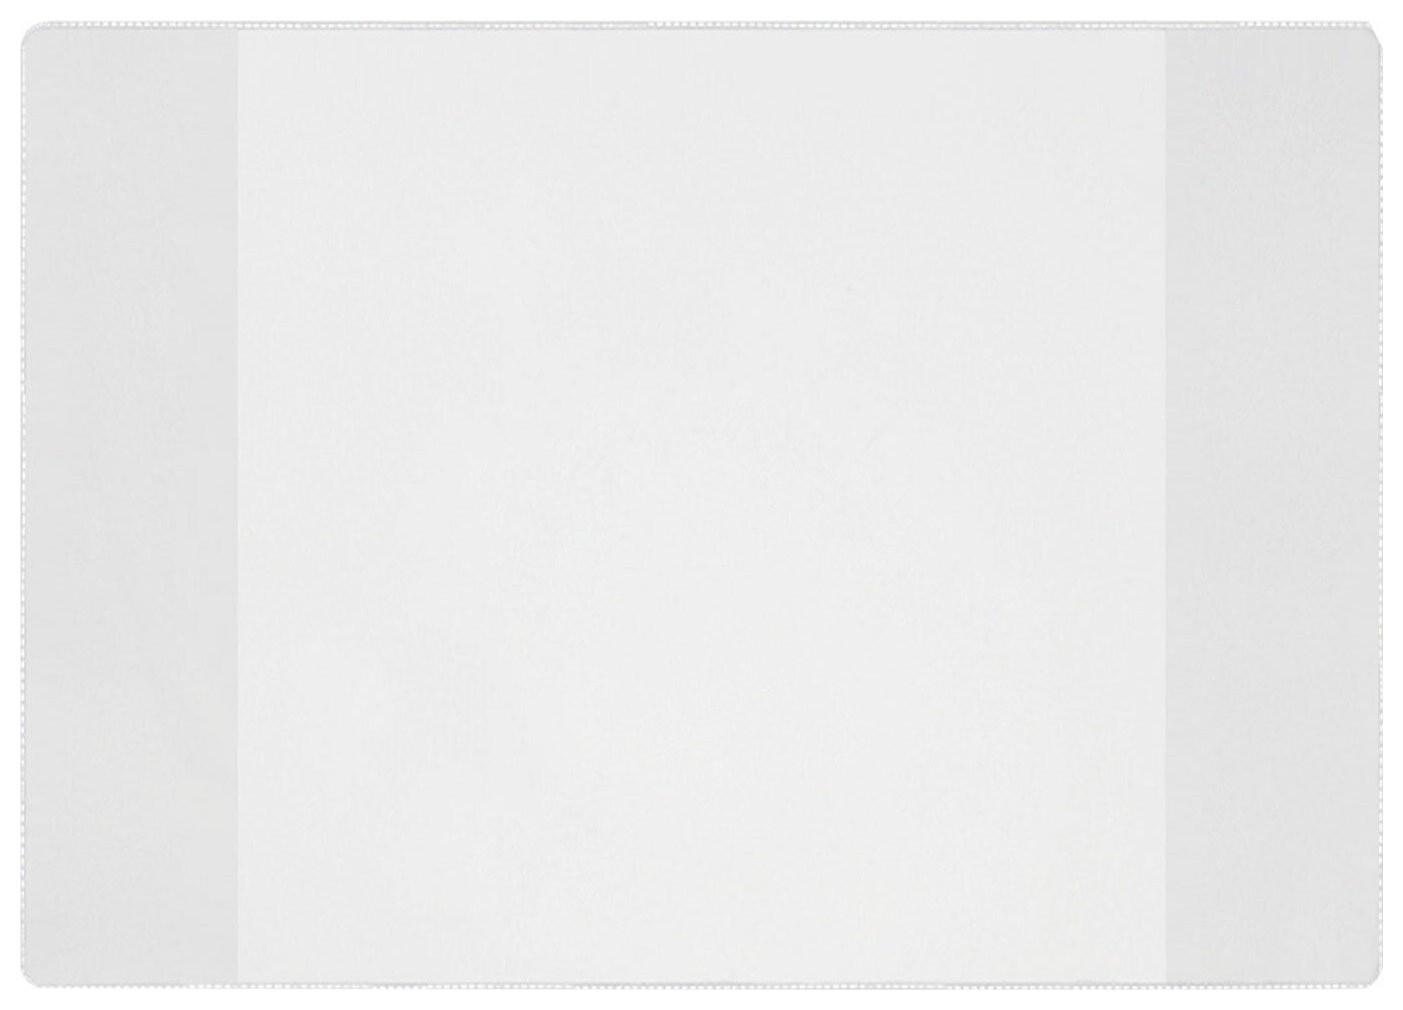 Обложки 210х350 мм, 10 шт., для тетрадей и дневников, ПЭ, 90 мкм  Пифагор